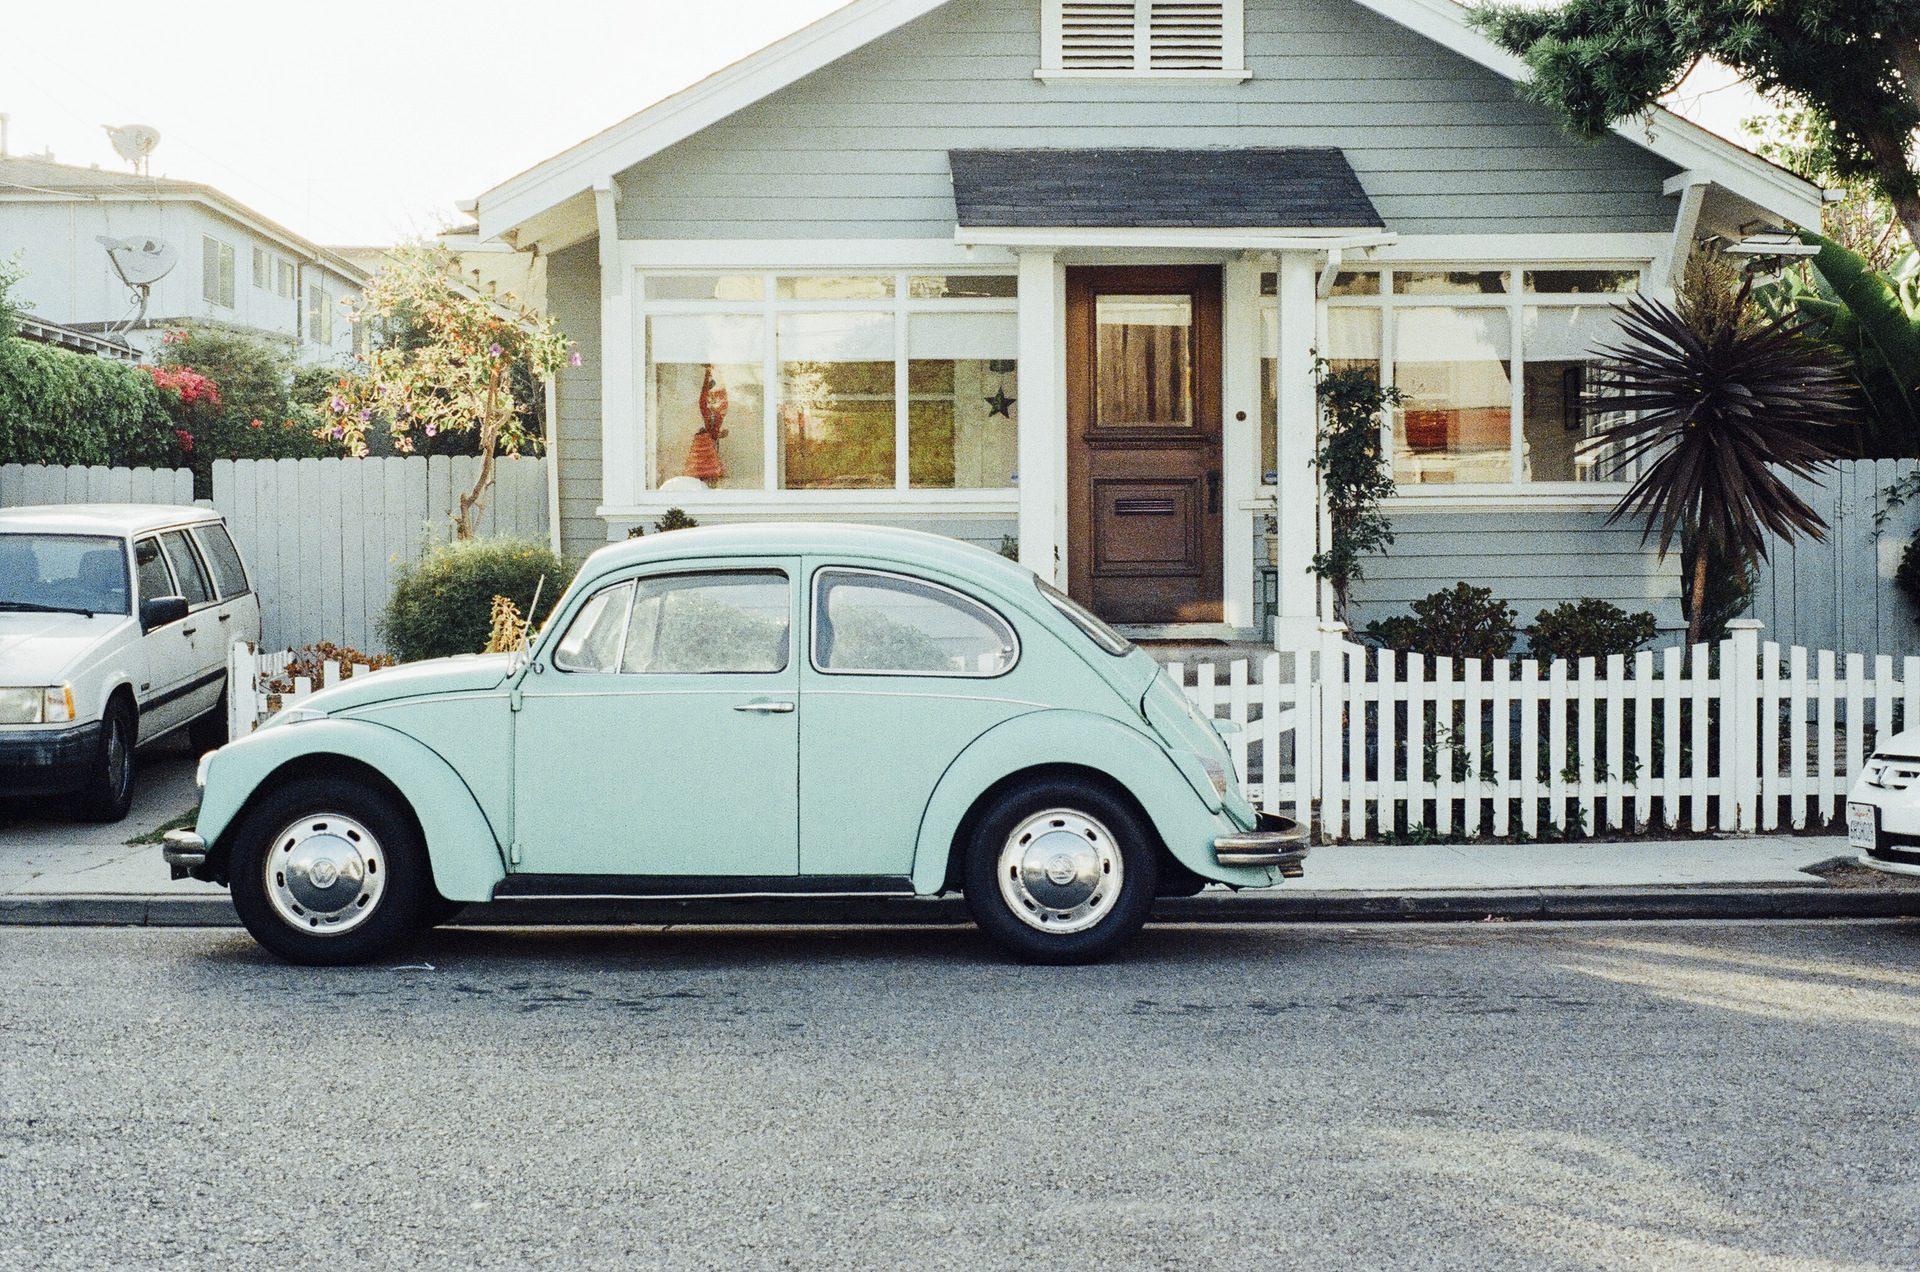 acheter une maison plusieurs avant de rcuprer les cls de. Black Bedroom Furniture Sets. Home Design Ideas